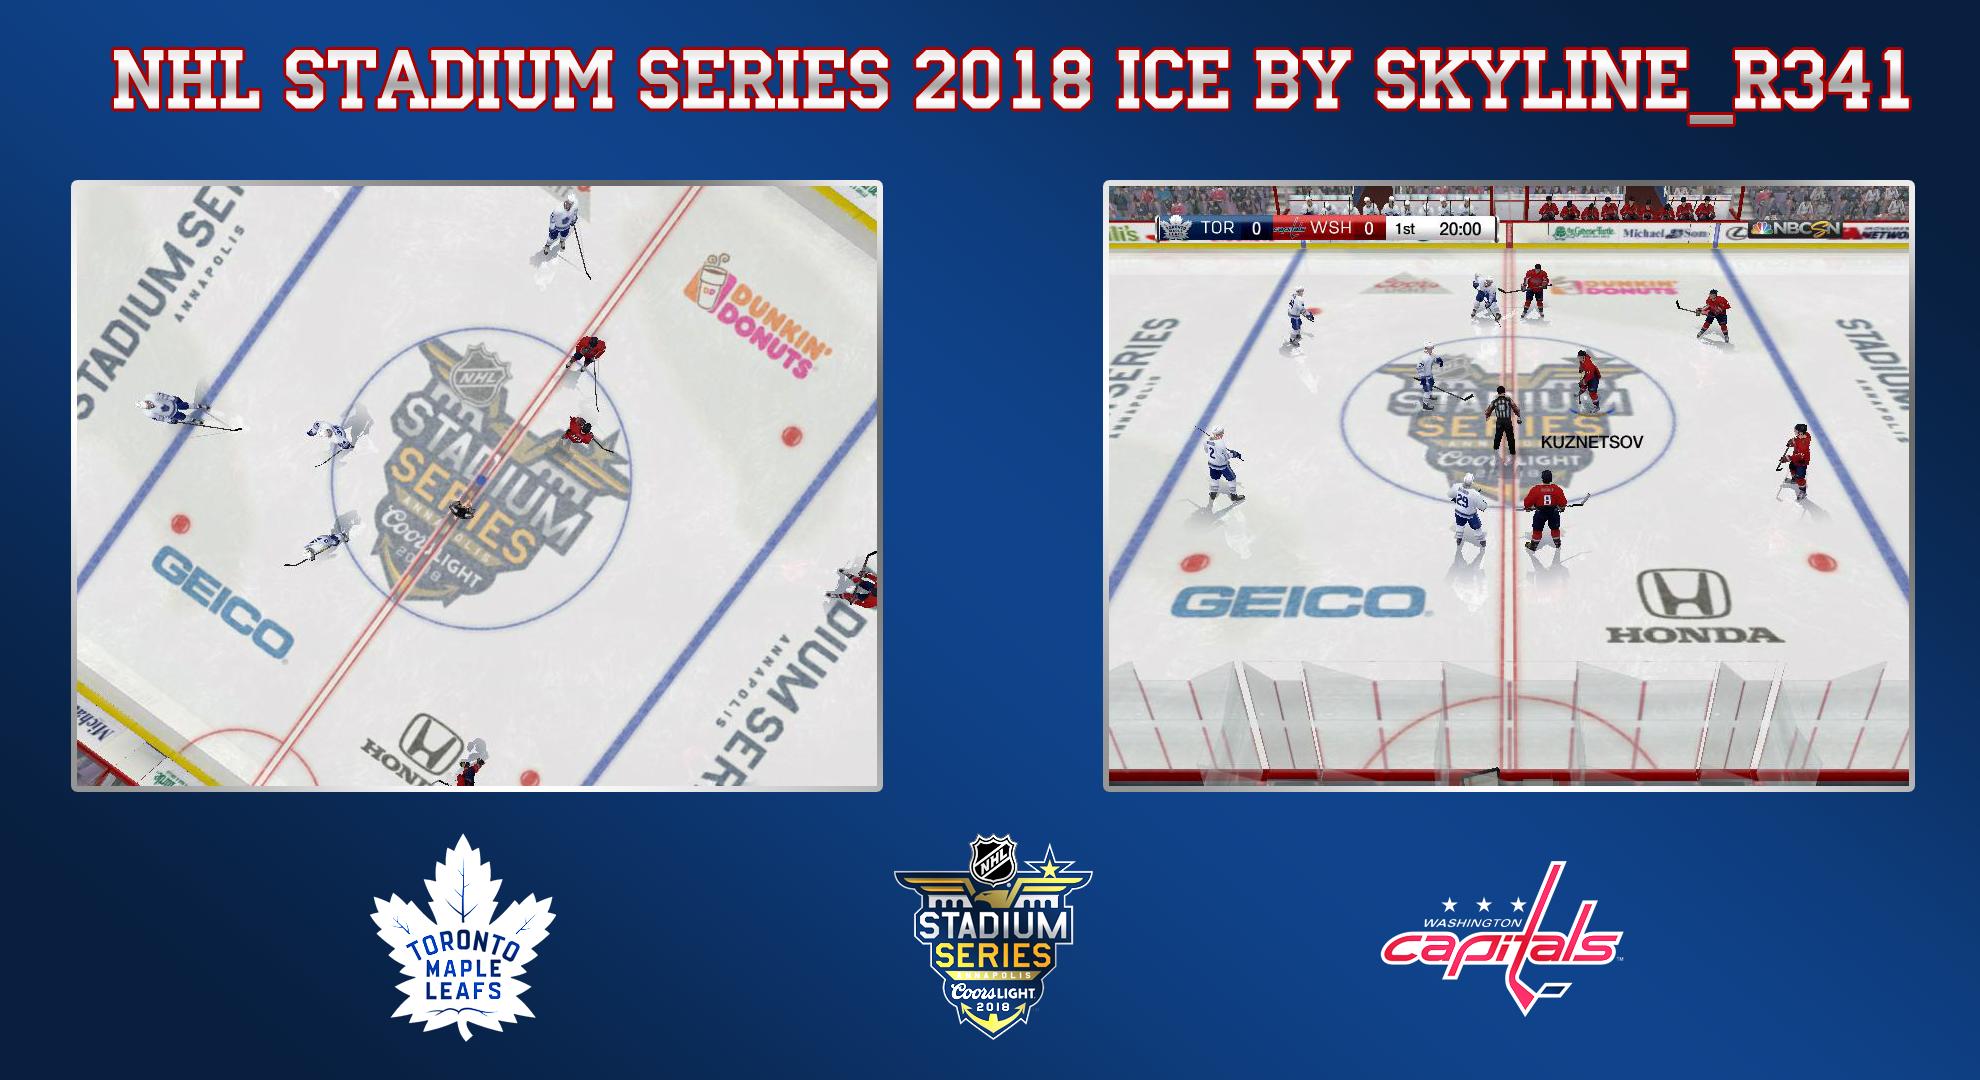 NHL Stadium Series 2018 Ice